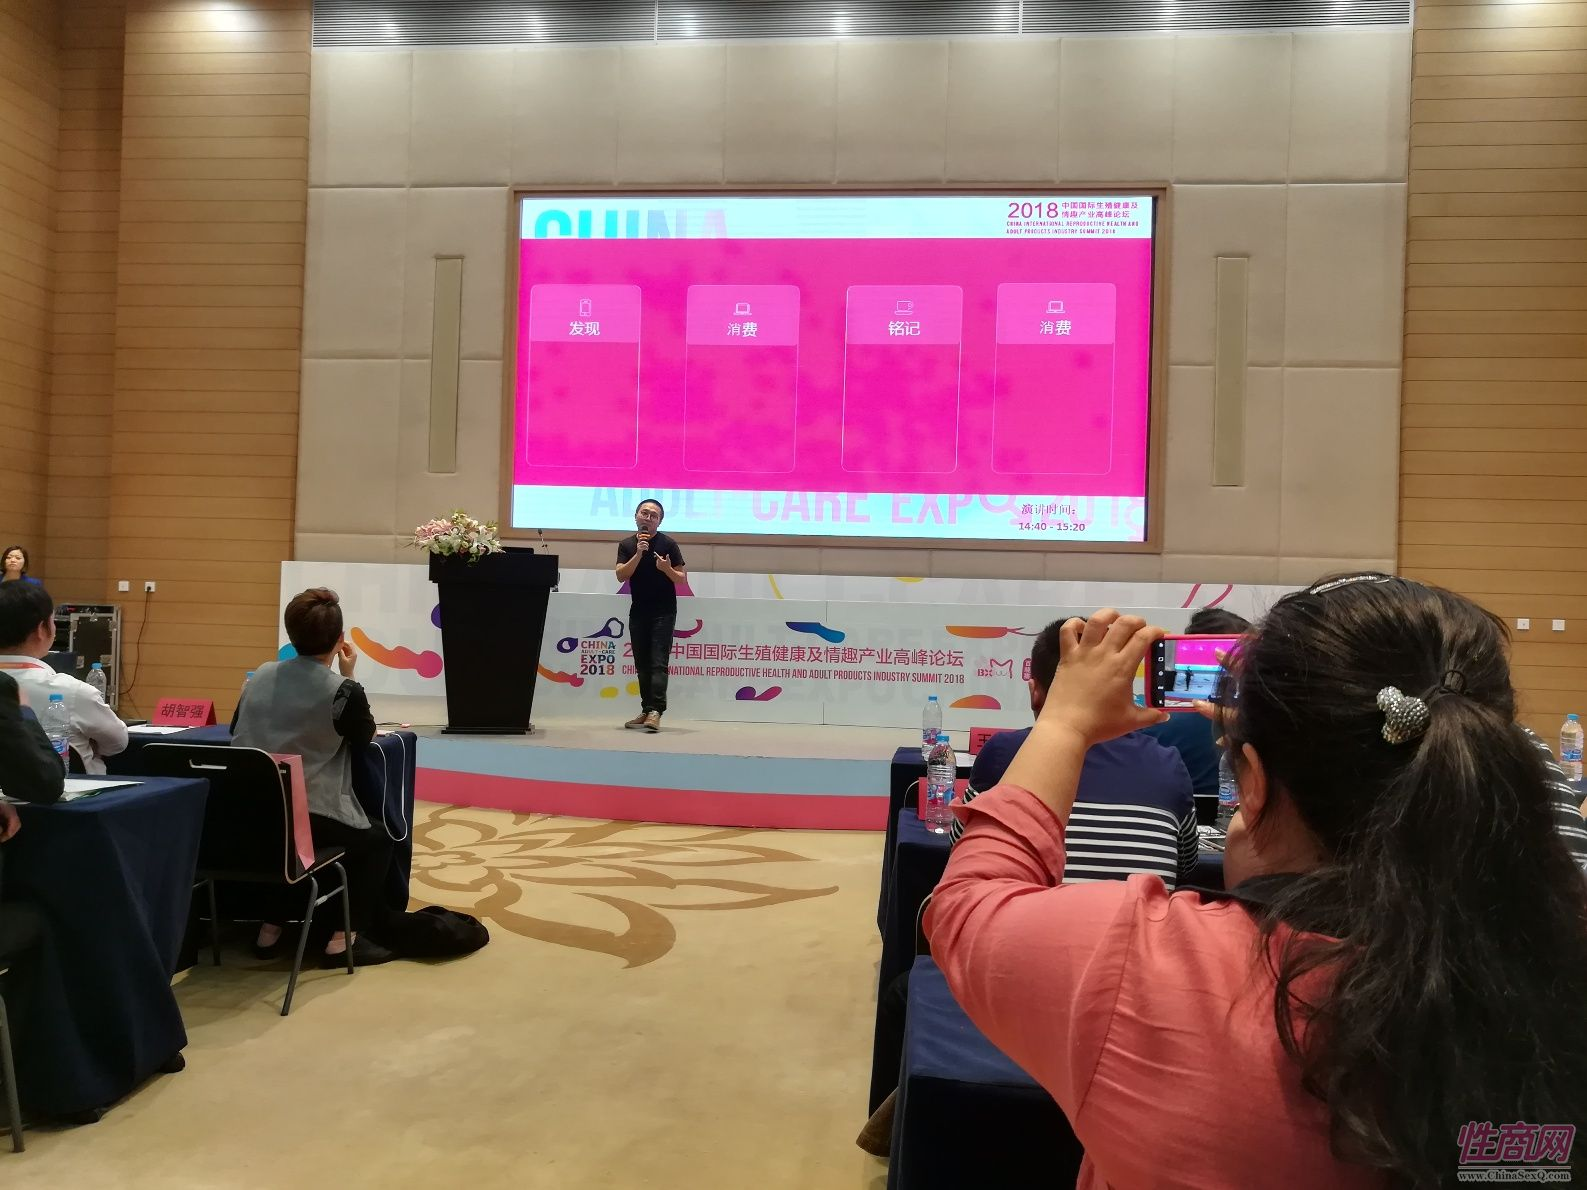 18上海成人展-高峰论坛 (72)